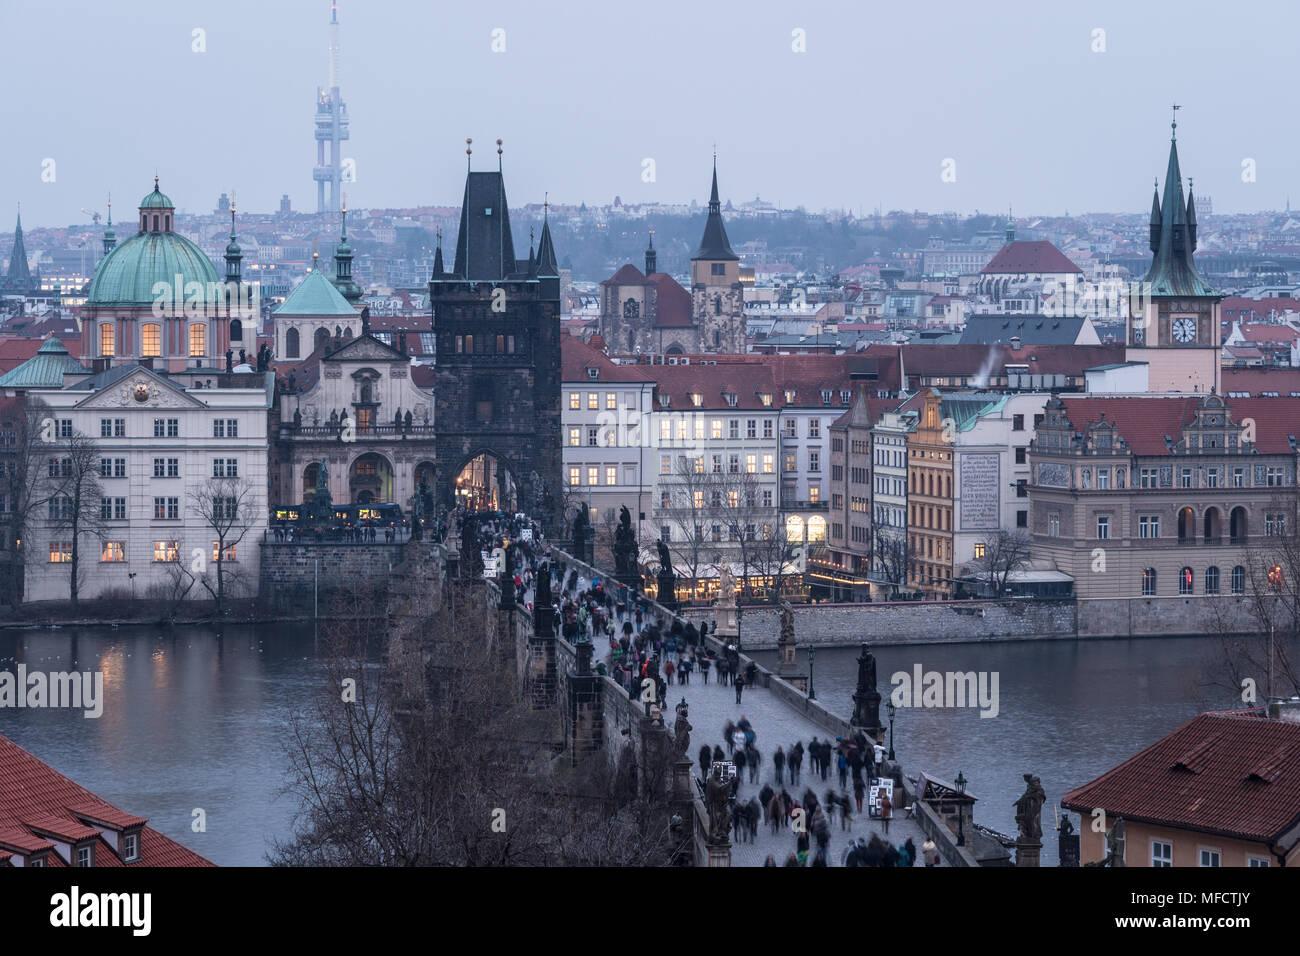 Hohe Betrachtungswinkel und der berühmten Karlsbrücke und dem Altstädter Turm und Kirchen in Prag, Tschechische Republik Hauptstadt bei Einbruch Stockbild